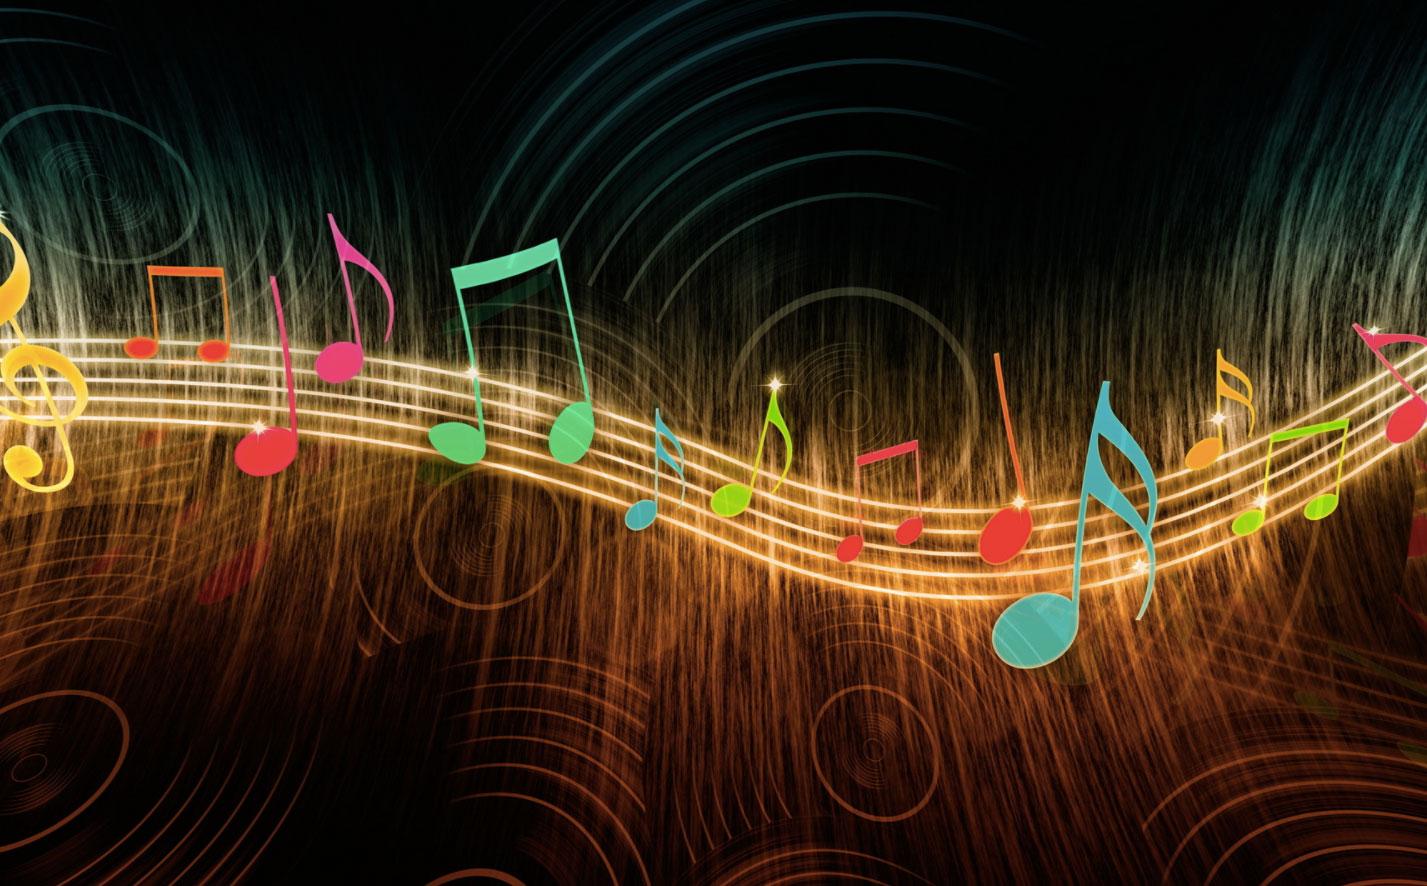 Как музыка влияет на настроение и где скачивать новые песни